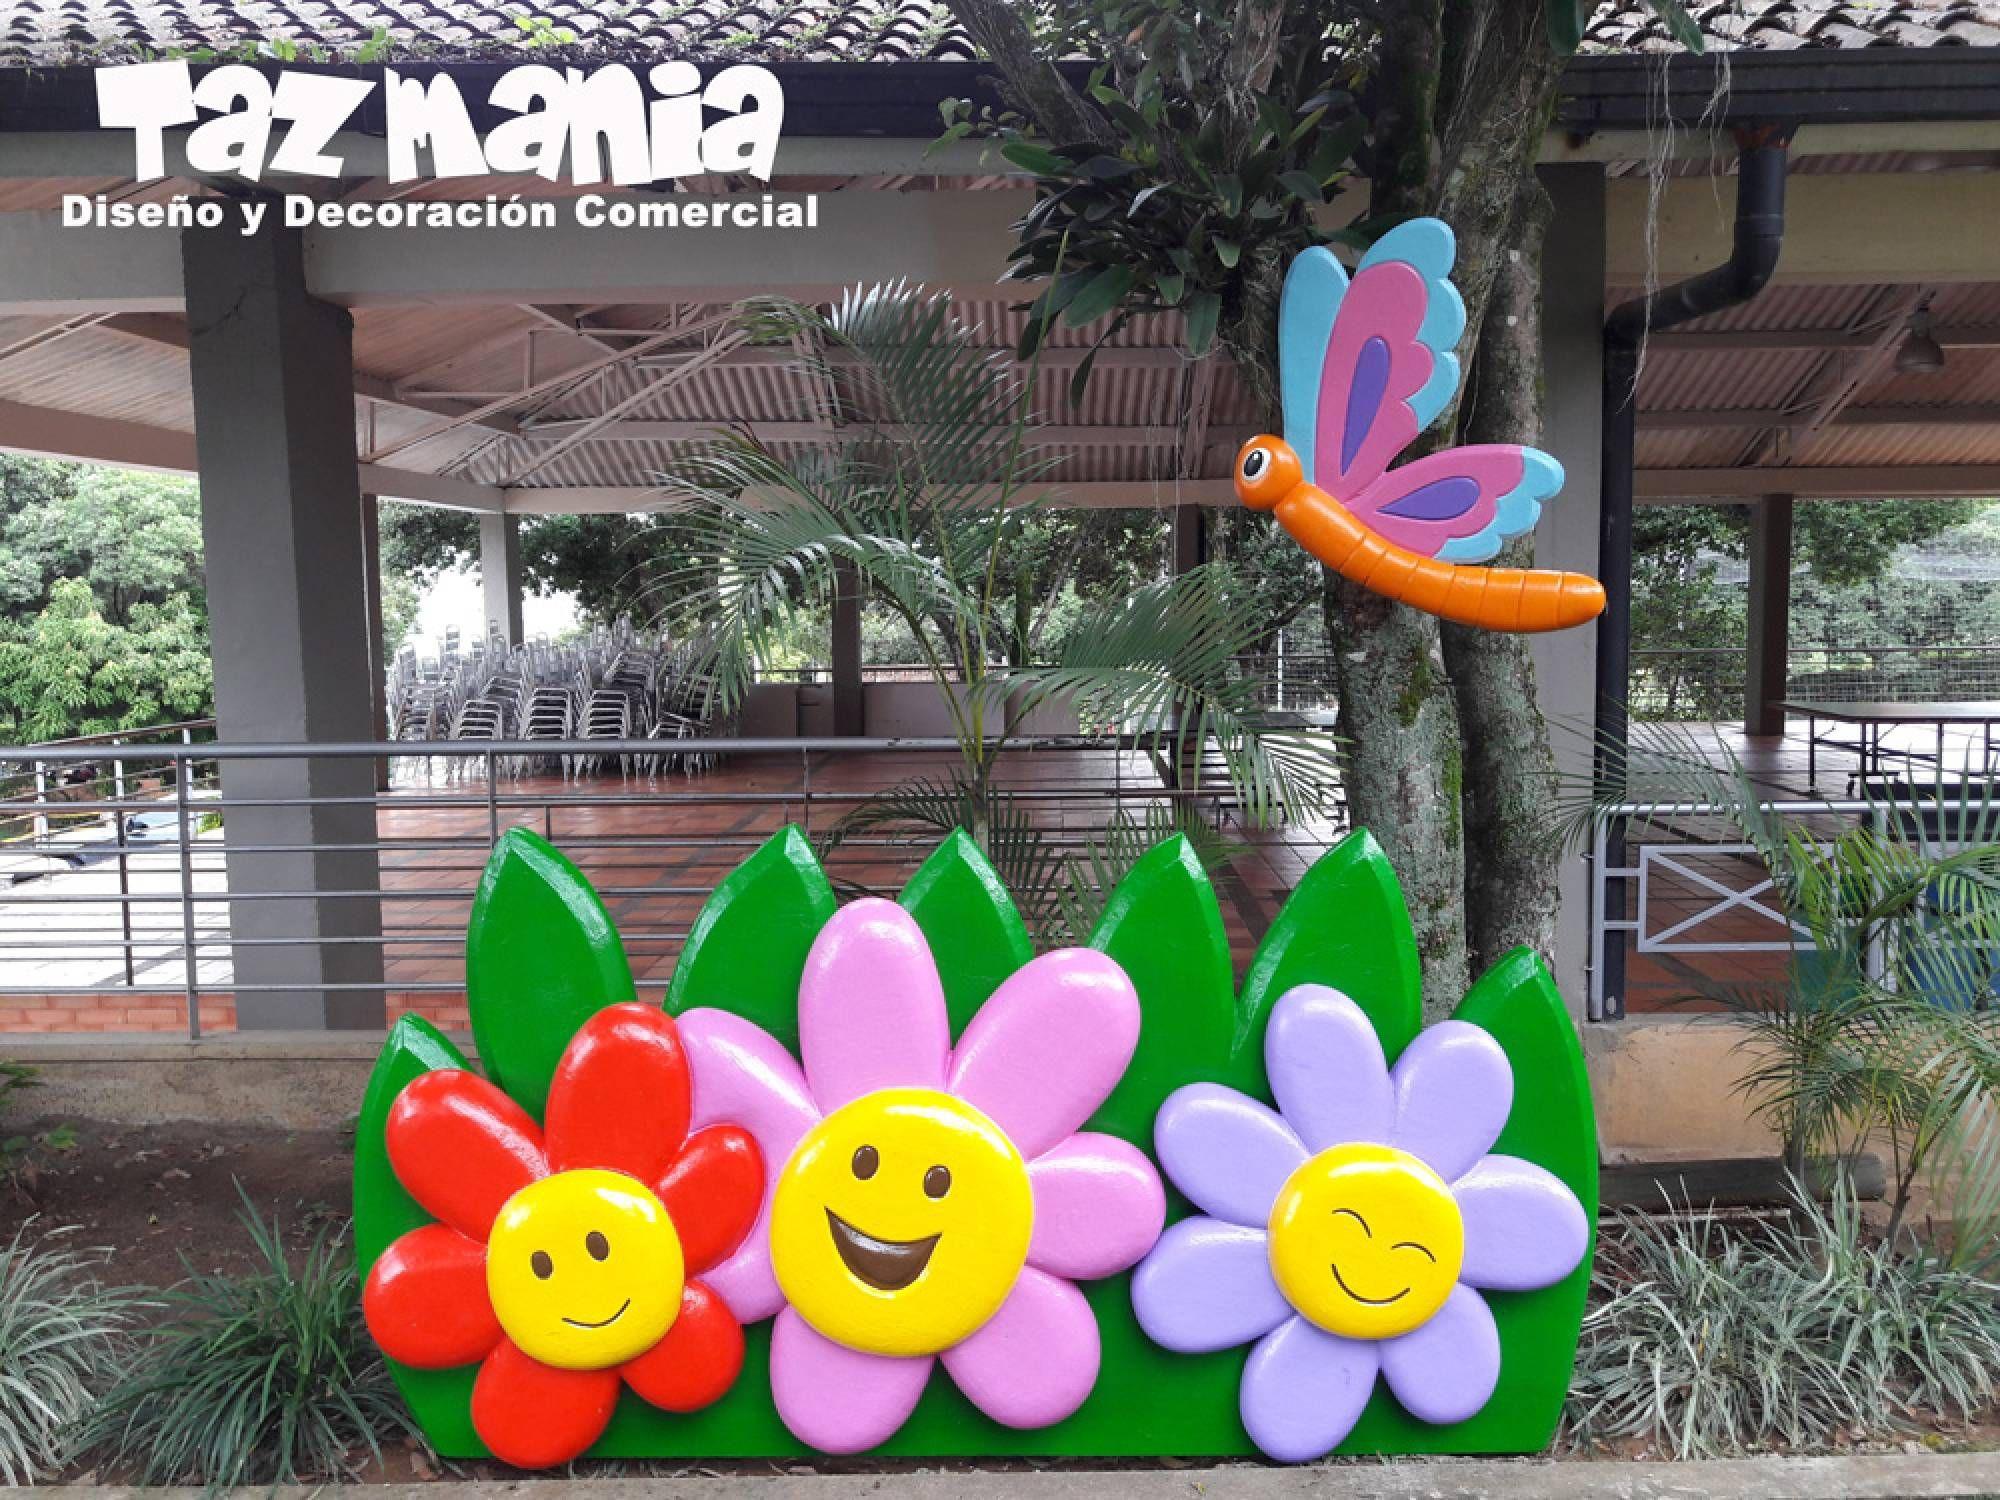 Tazmania dise o y decoraci n comercial fabricando ideas - Decoracion del jardin ...